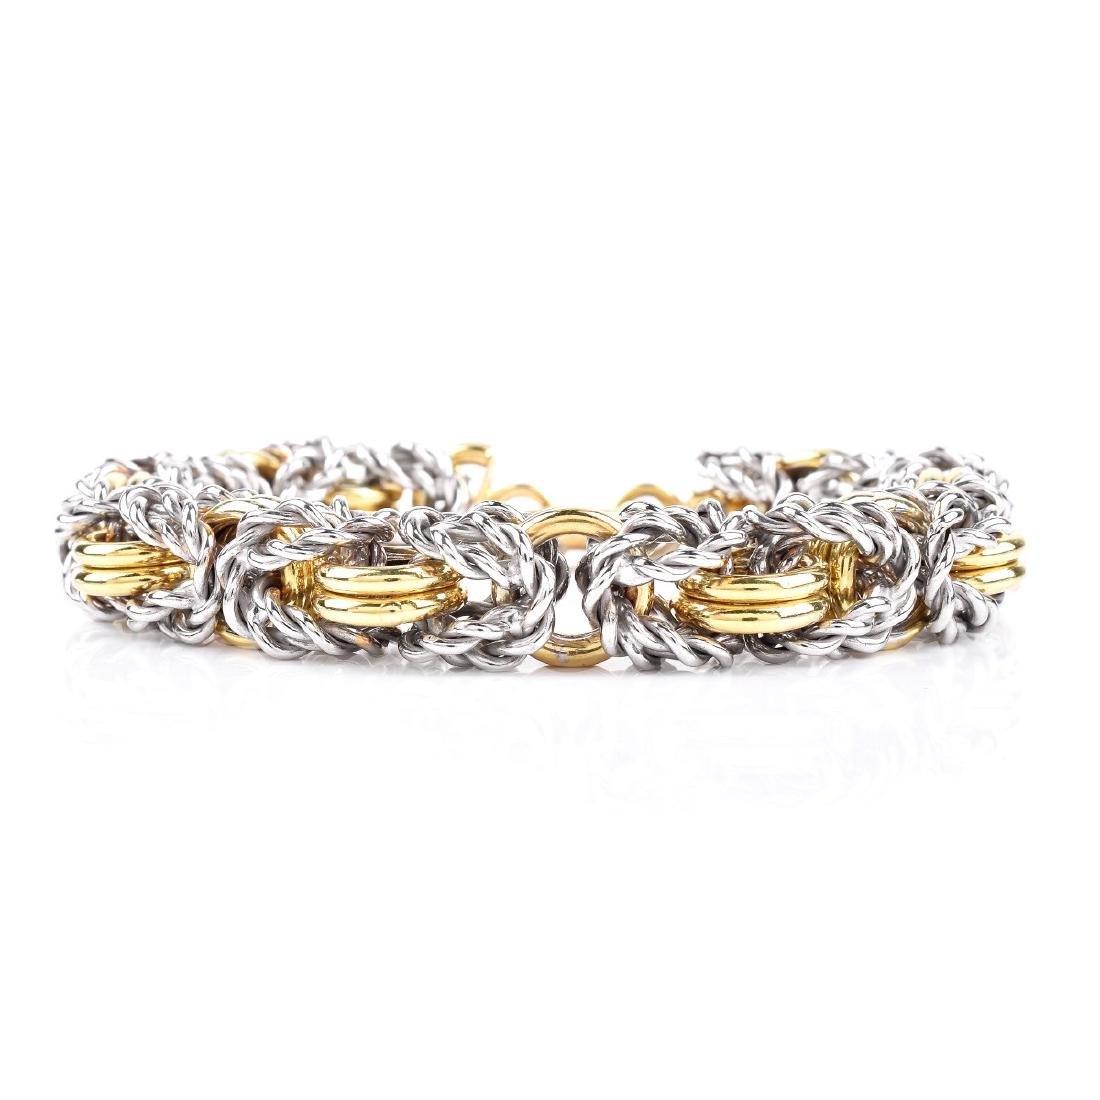 Italian 18K Gold Link Bracelet